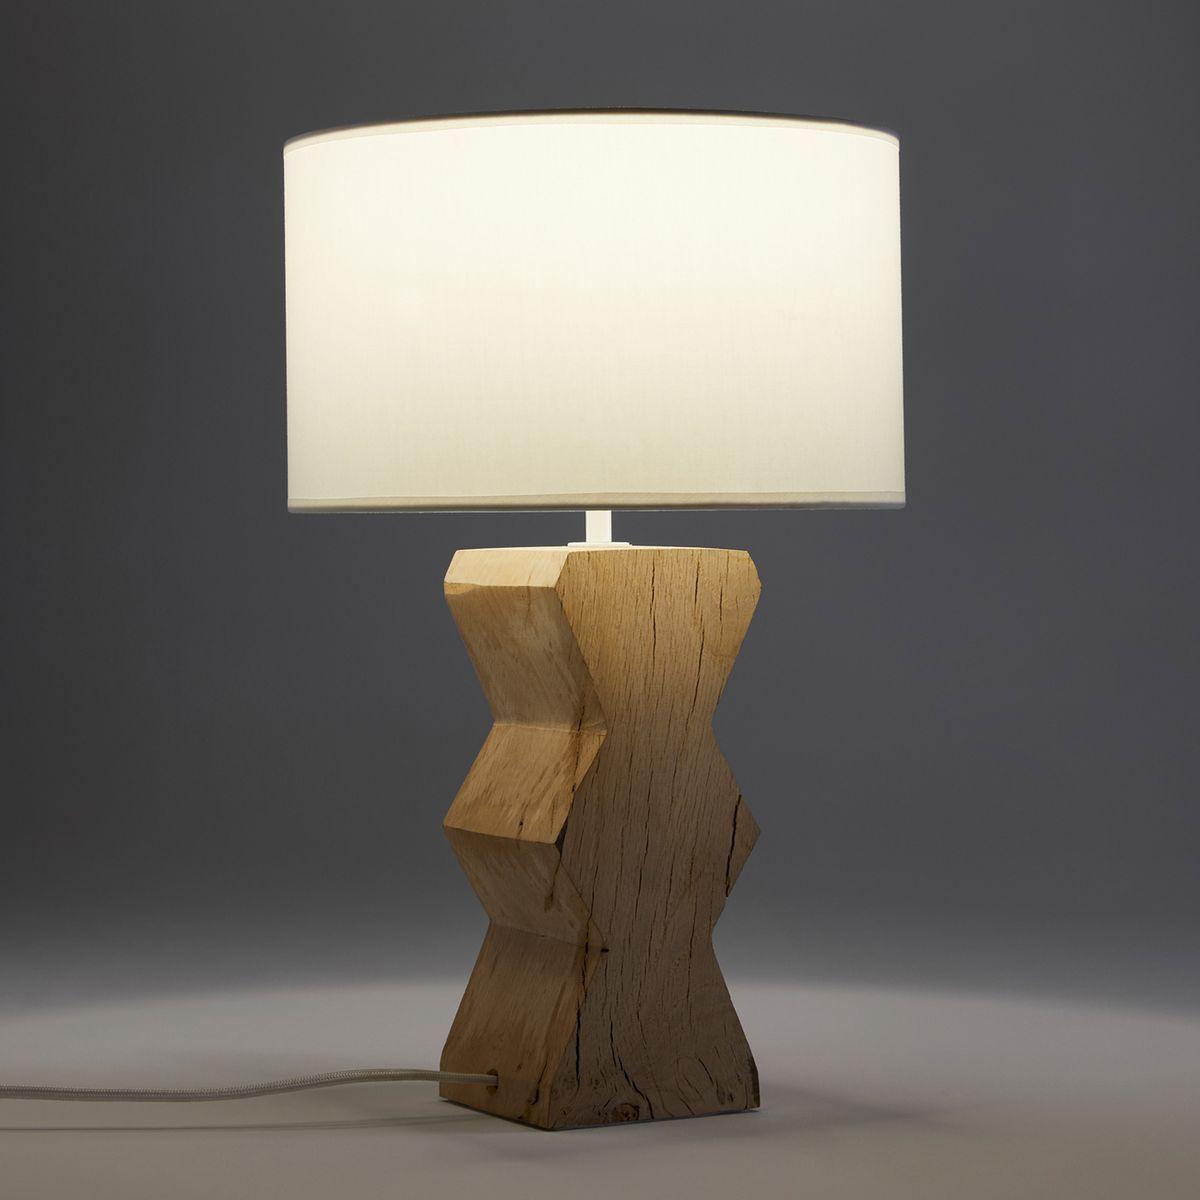 Lampe Chene Brut Anucha Taille Taille Unique Lampe De Bureau Lamp Lampes De Table